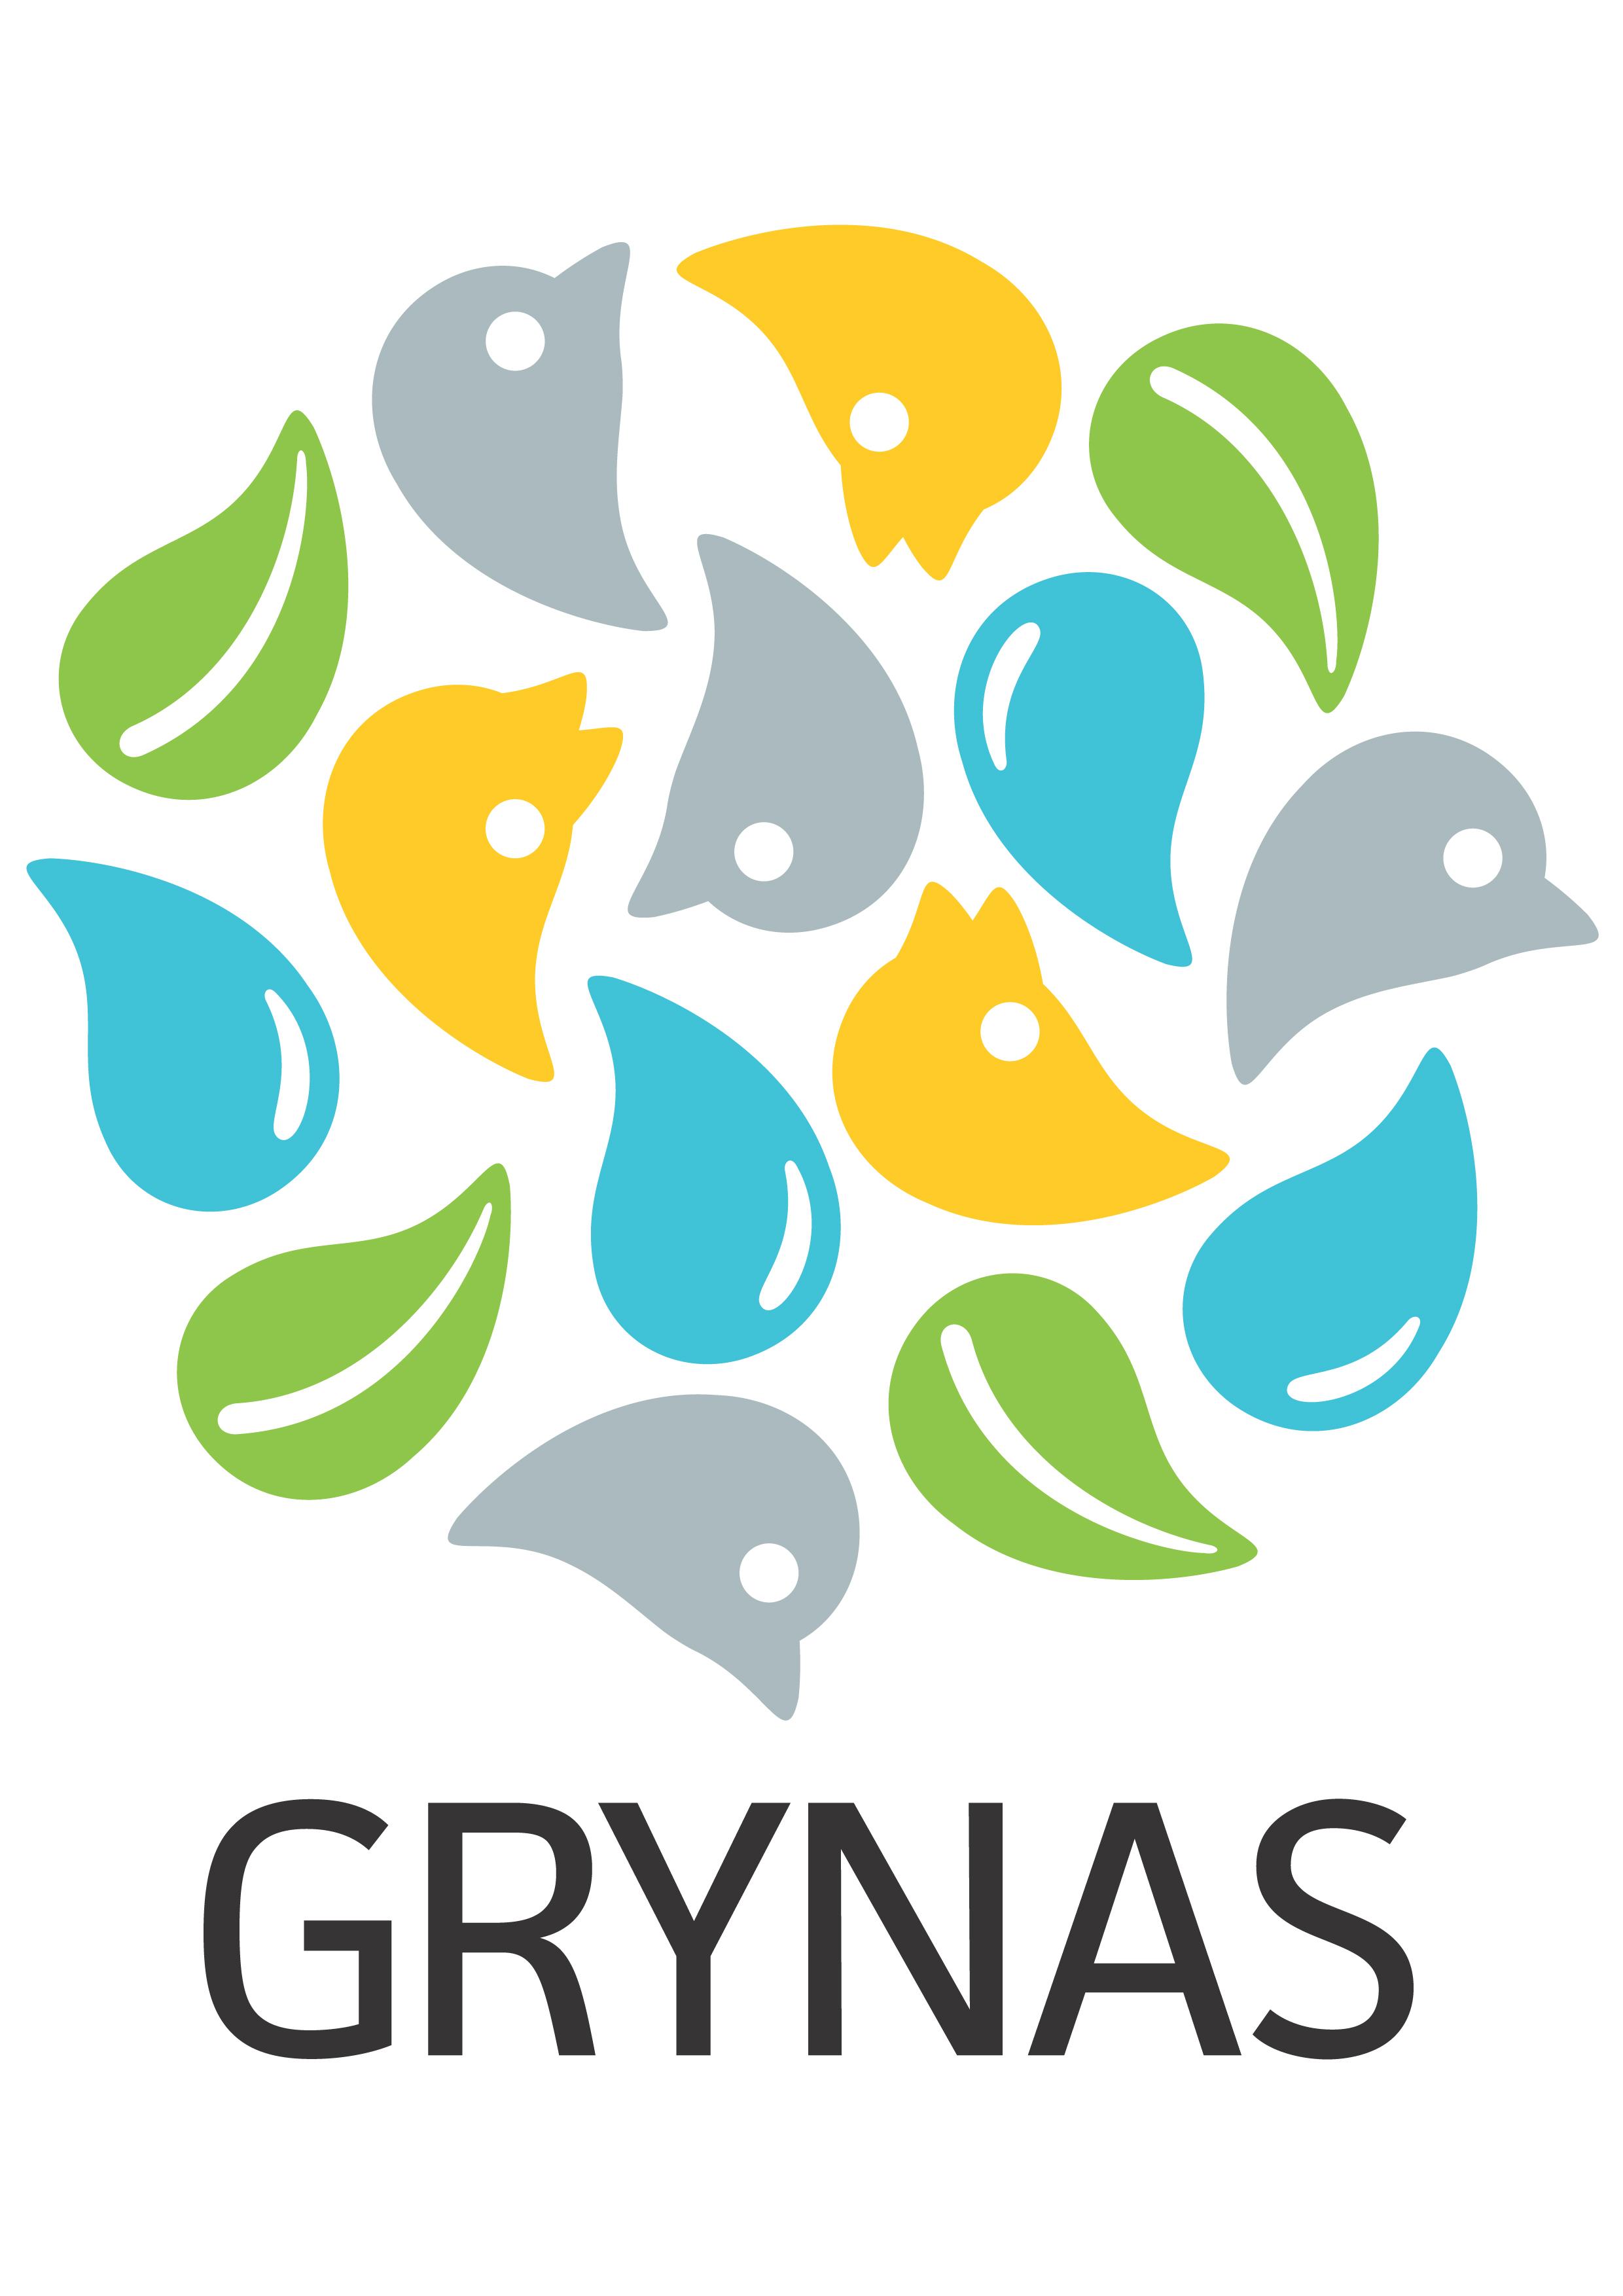 grynas_logo_a4